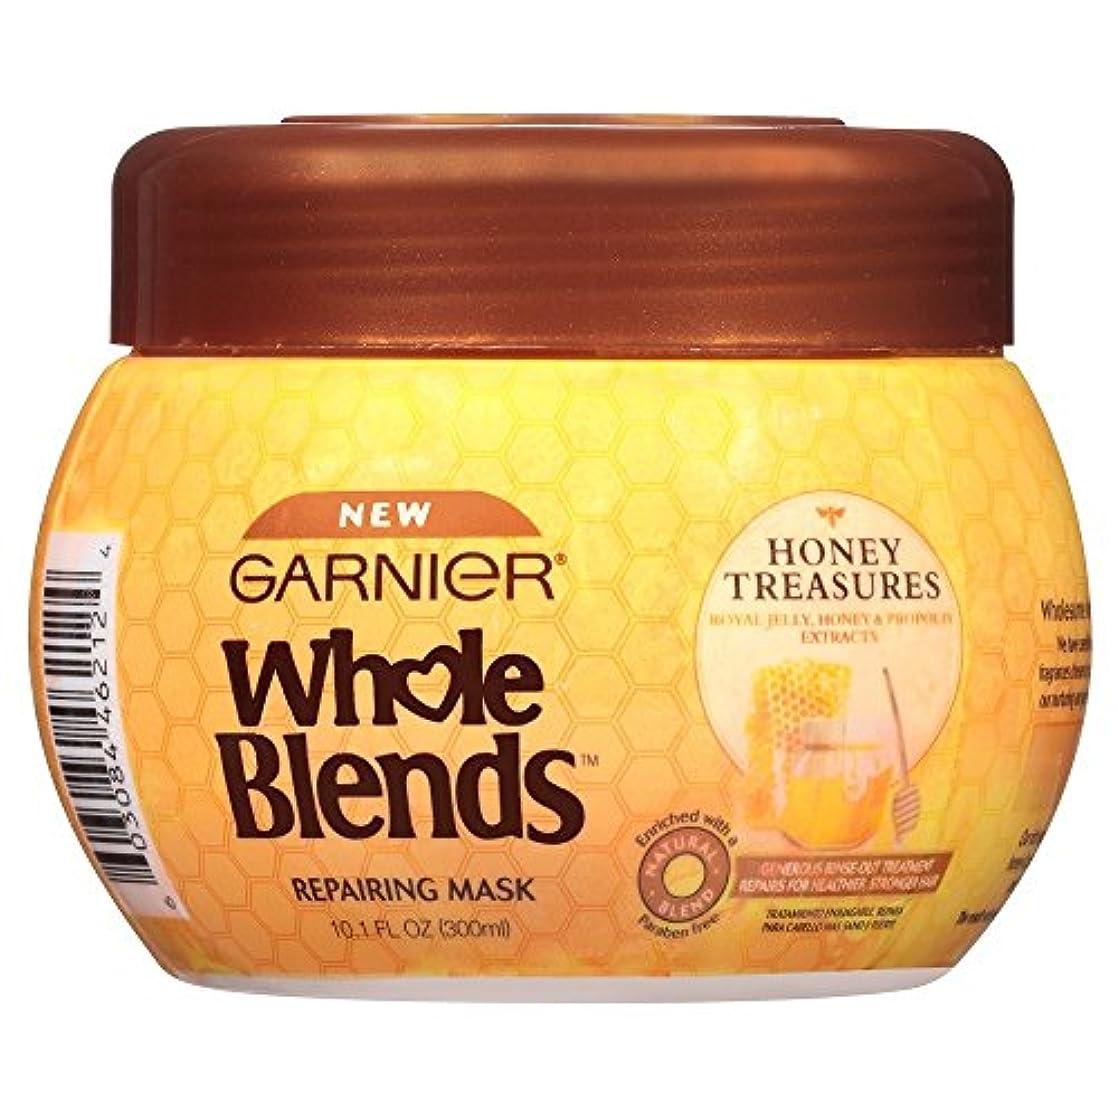 Garnier 全体ブレンドマスクハニー宝物の修復、10.1液量オンス 10.1液量オンス ハニーの宝物 マスク